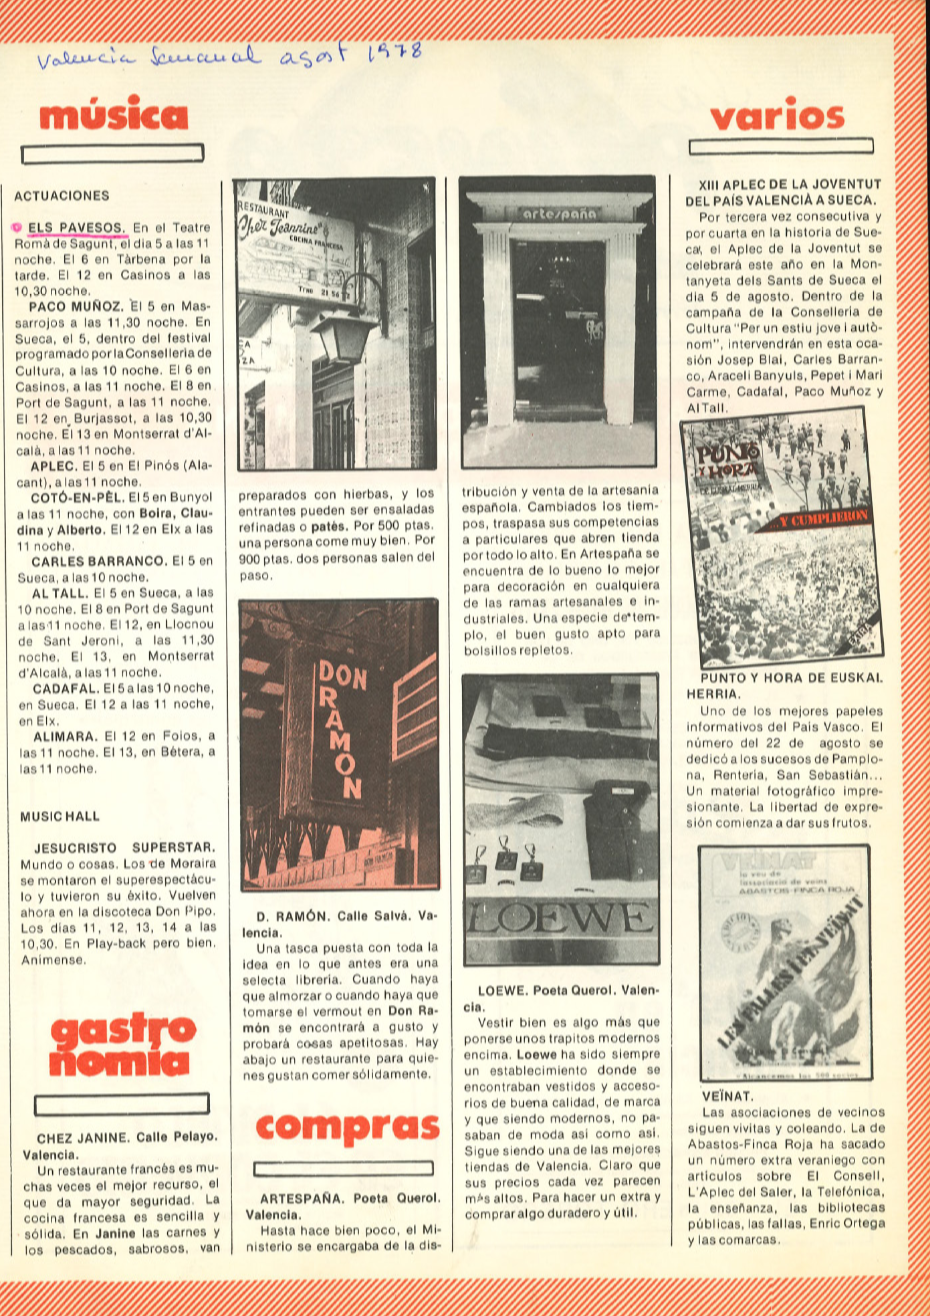 1978 Pavesos Valencia Semanal Actuacions